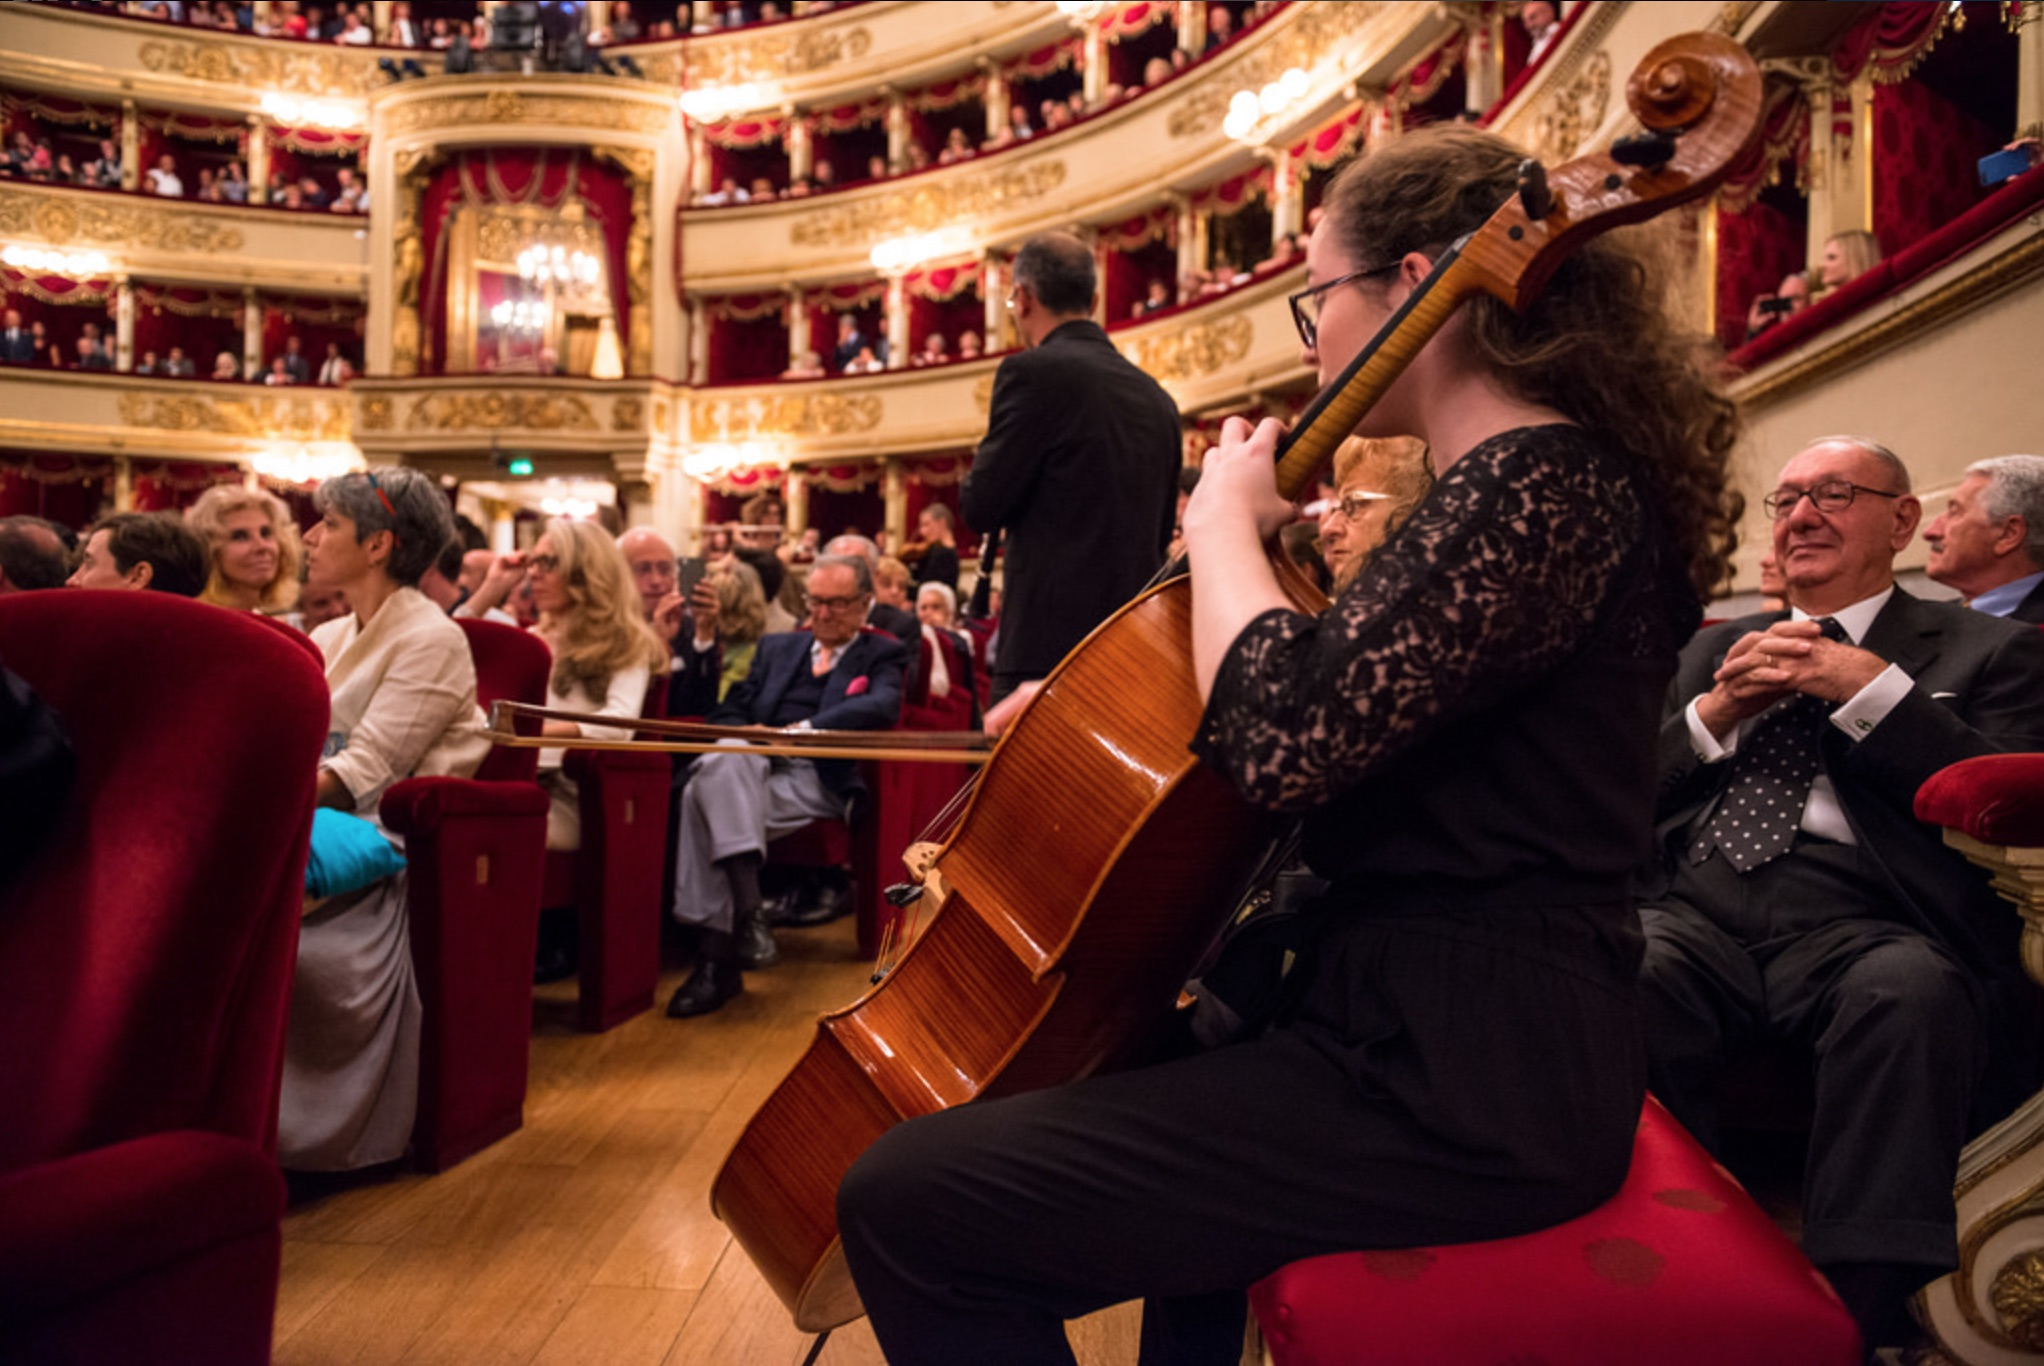 Spira Mirabilis, Filarmonica della Scala, Teatro alla Scala, Filarmonica, La Filarmonica, Milano,